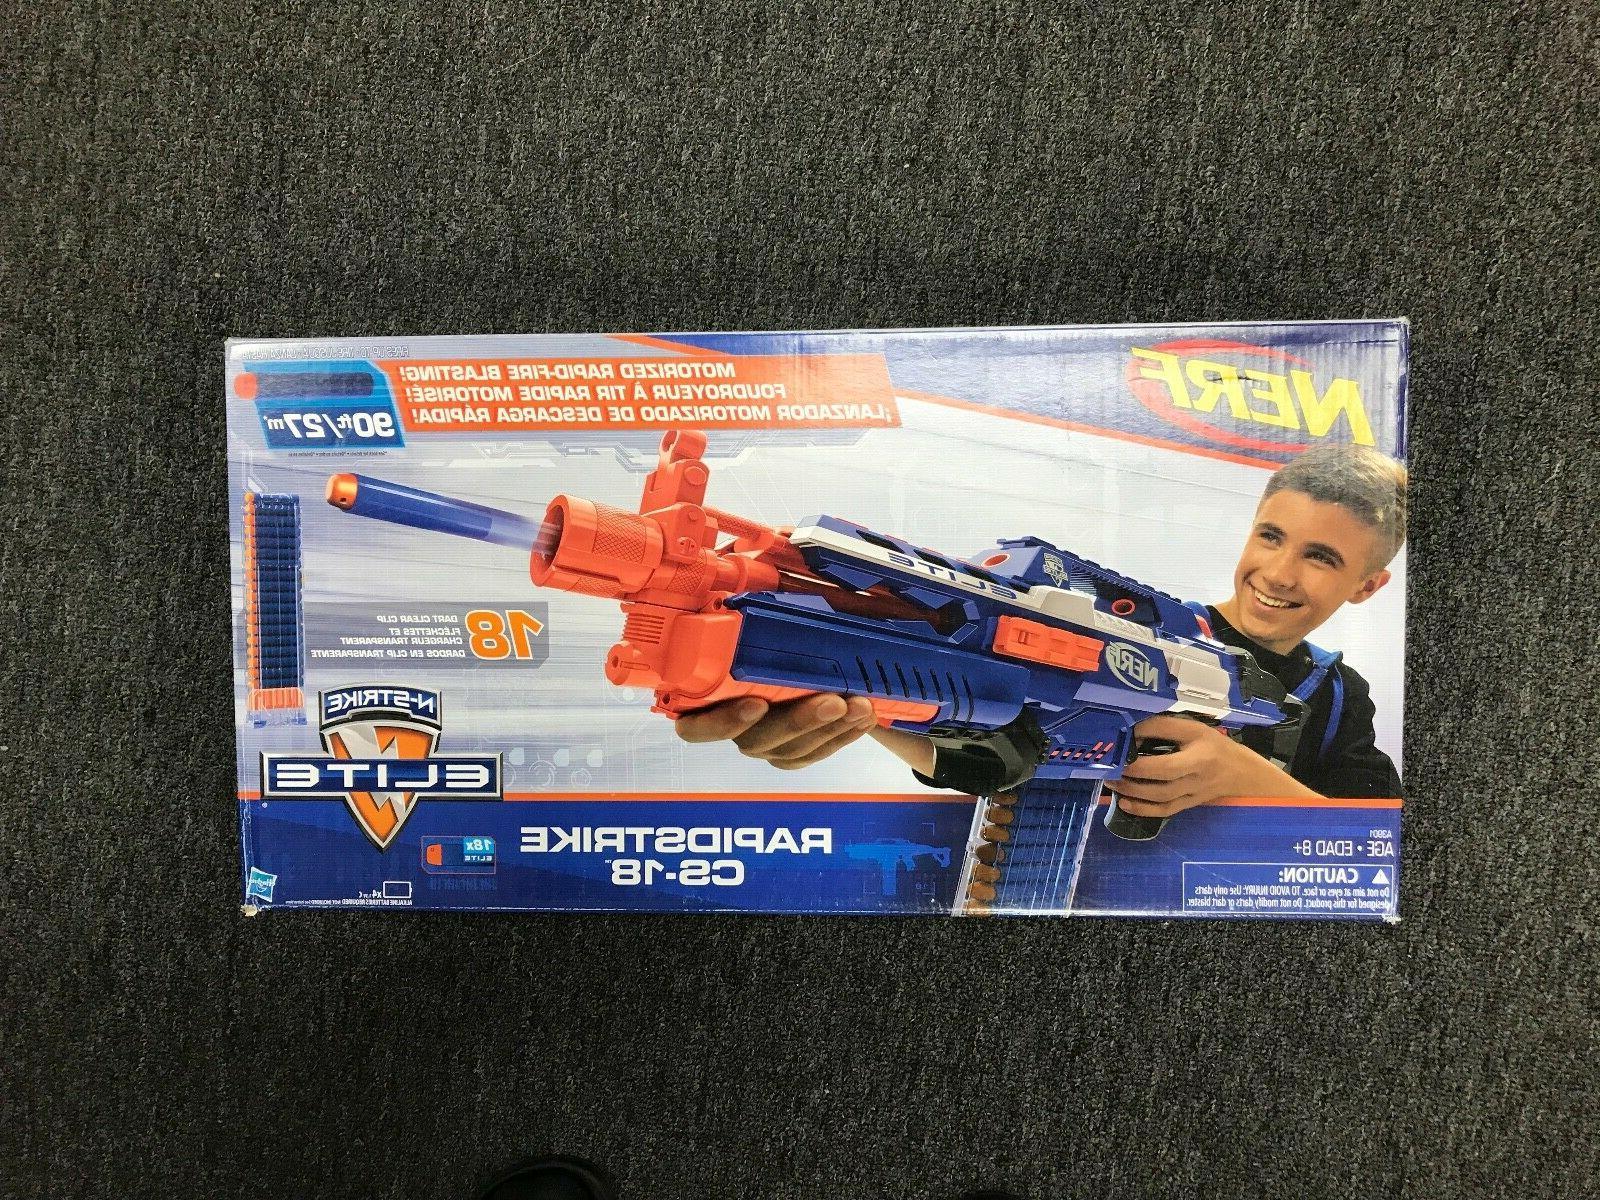 n strike elite rapidstrike cs 18 blaster